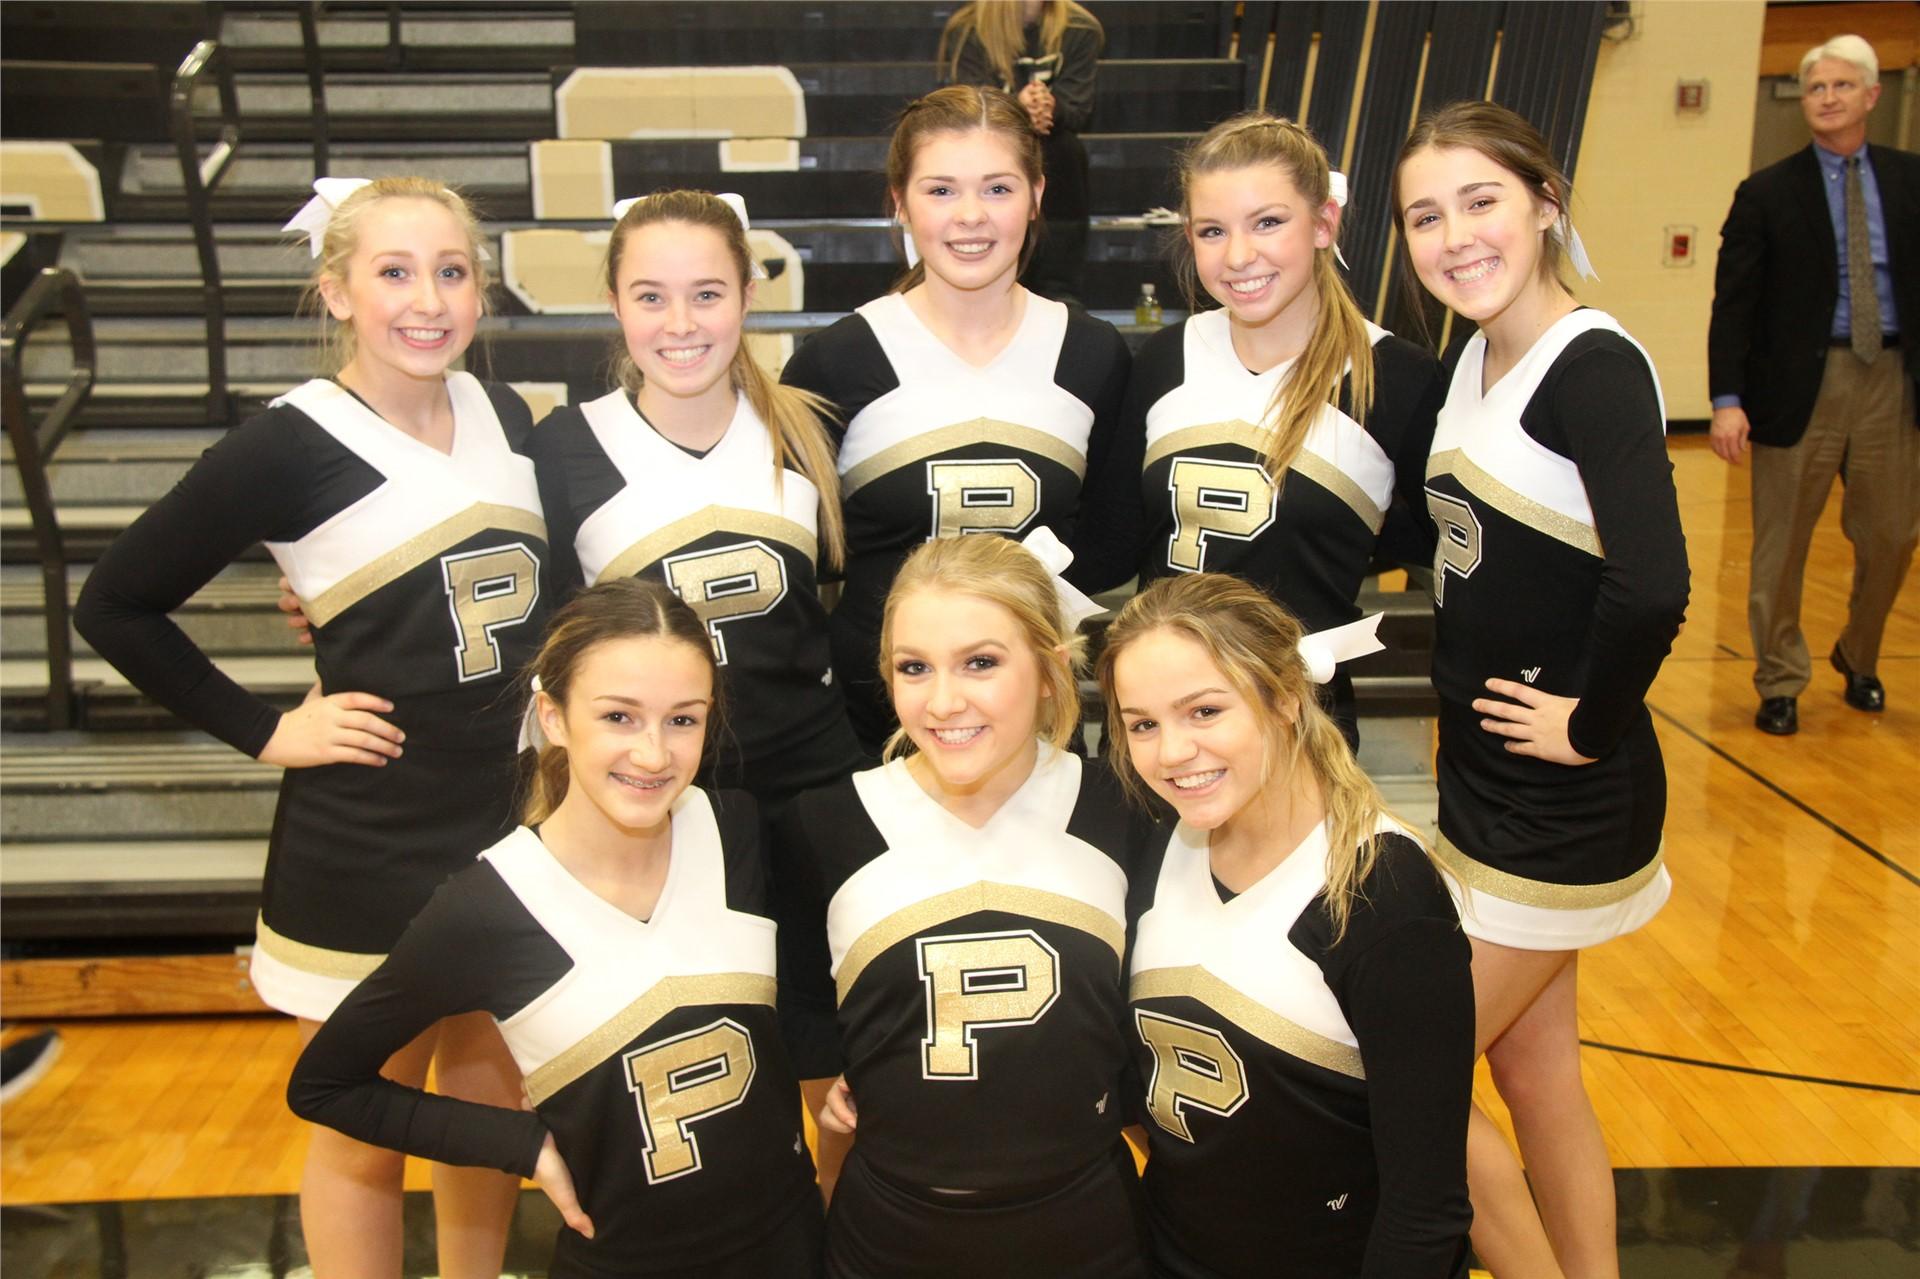 PHS cheerleader performing at a game